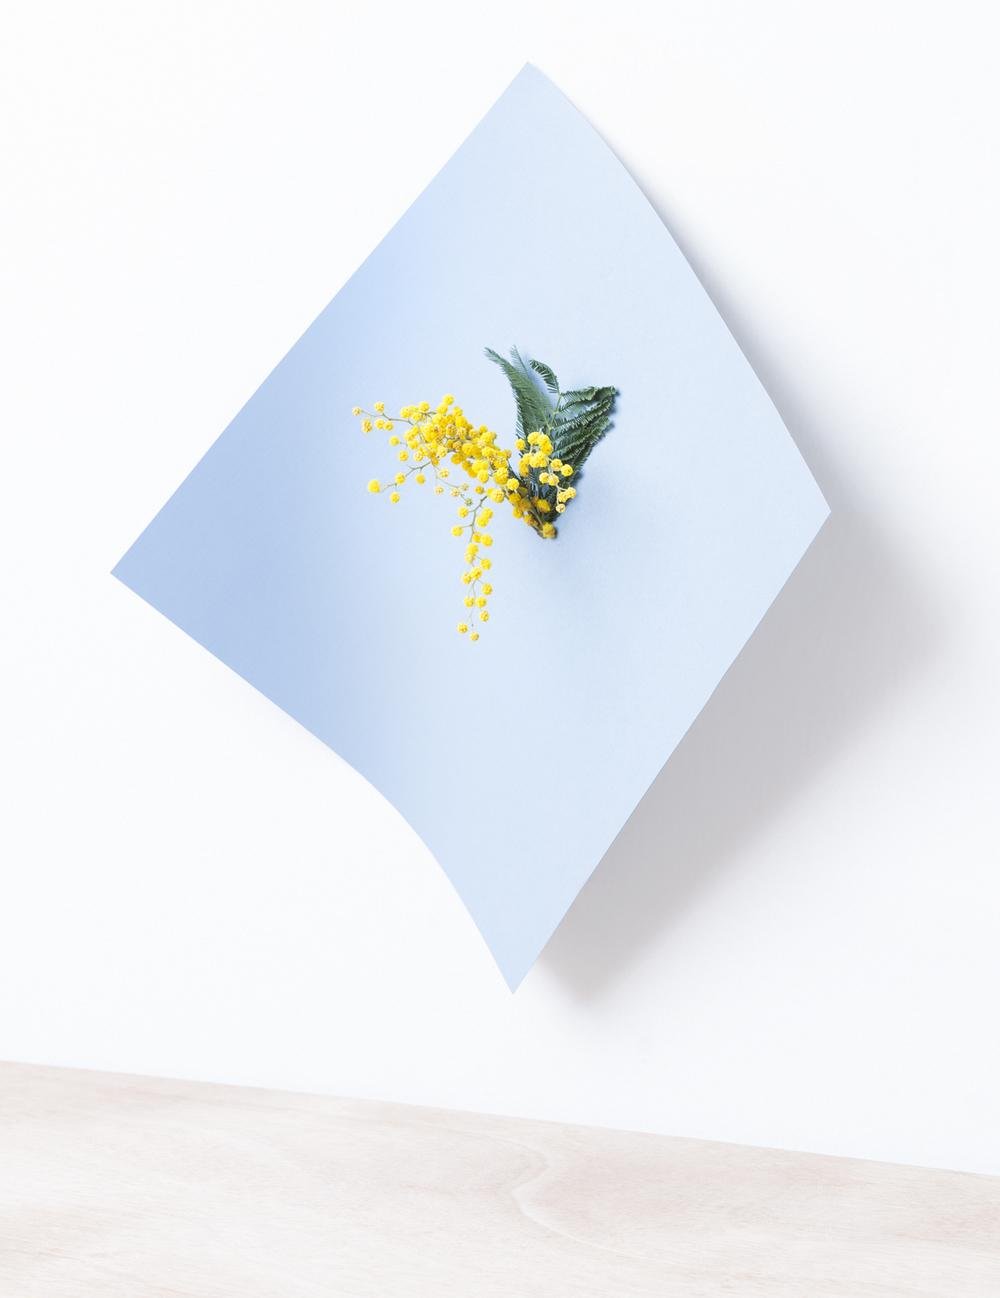 paper-plant-martina-lang-thatsitmag5.jpeg